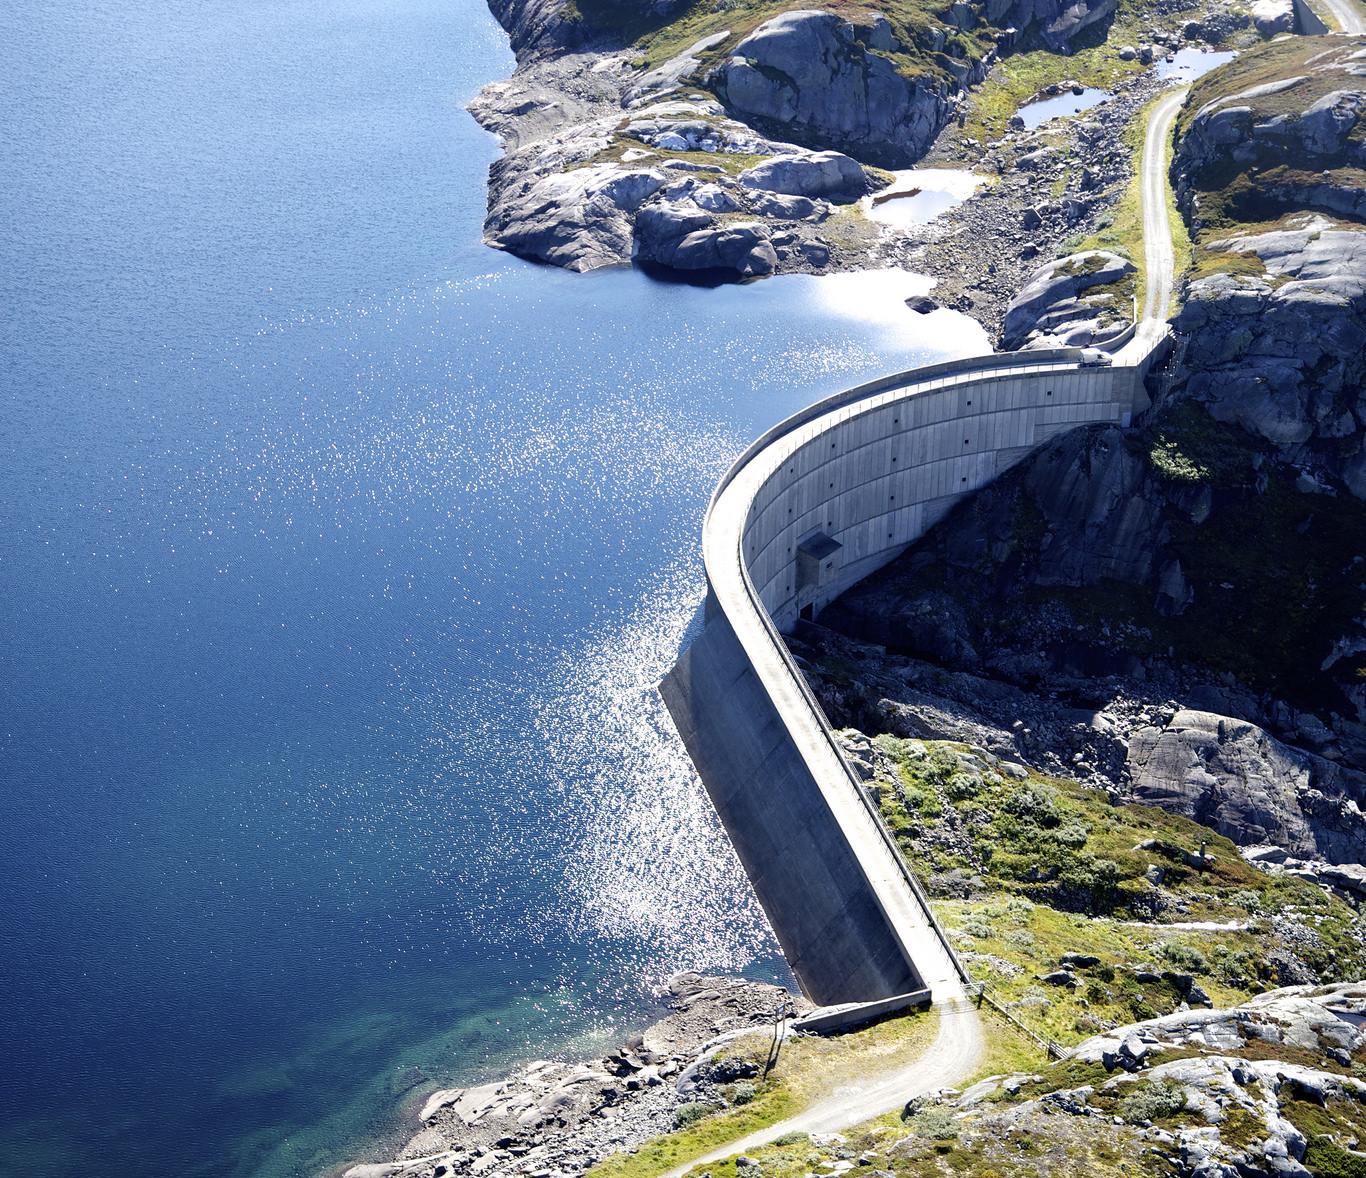 Røldal-Suldal power plants